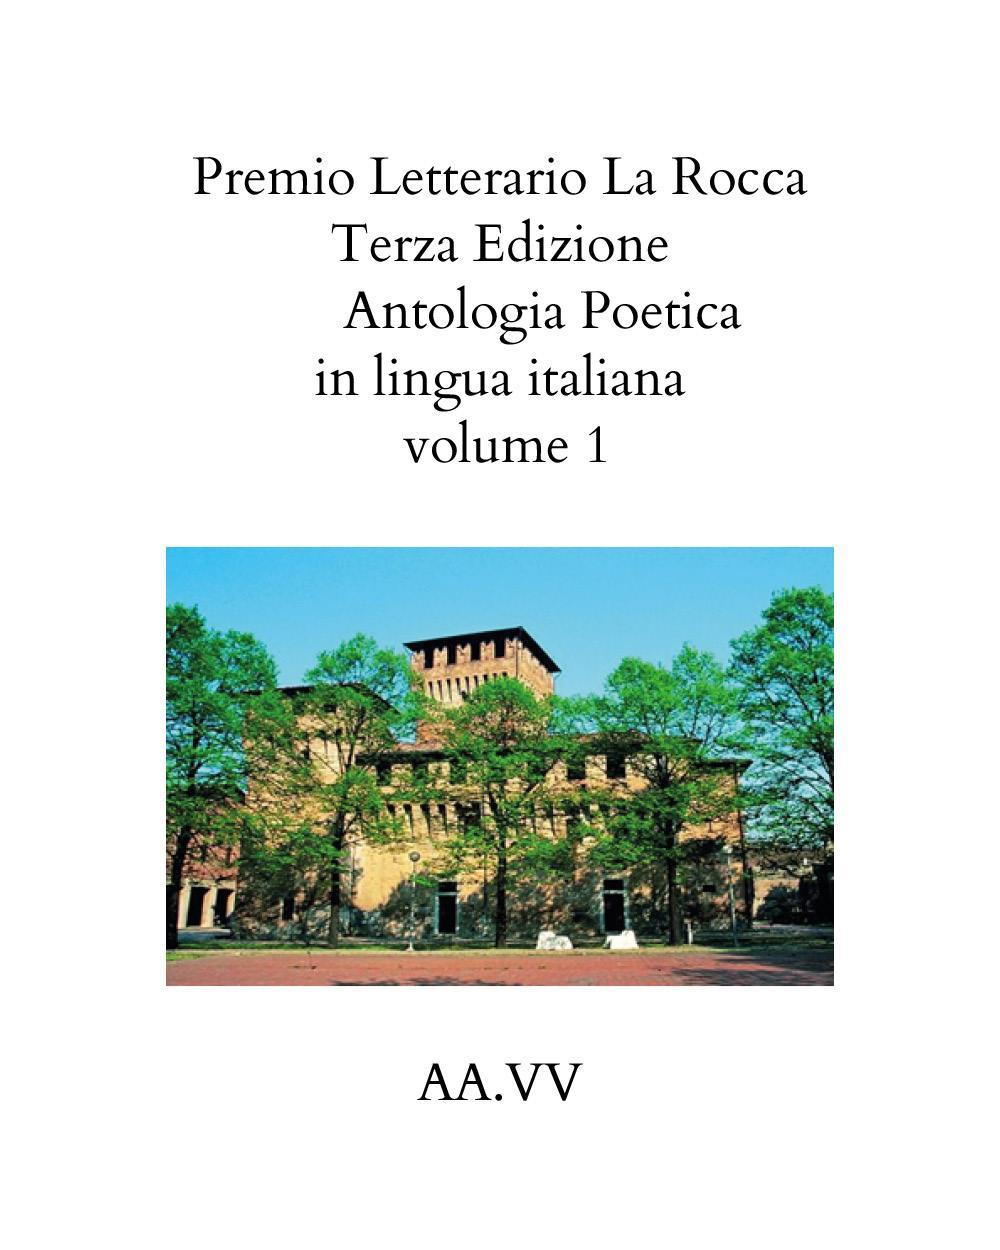 Premio Letterario La Rocca Terza Edizione 2021   Antologia Poetica in lingua italiana volume 1